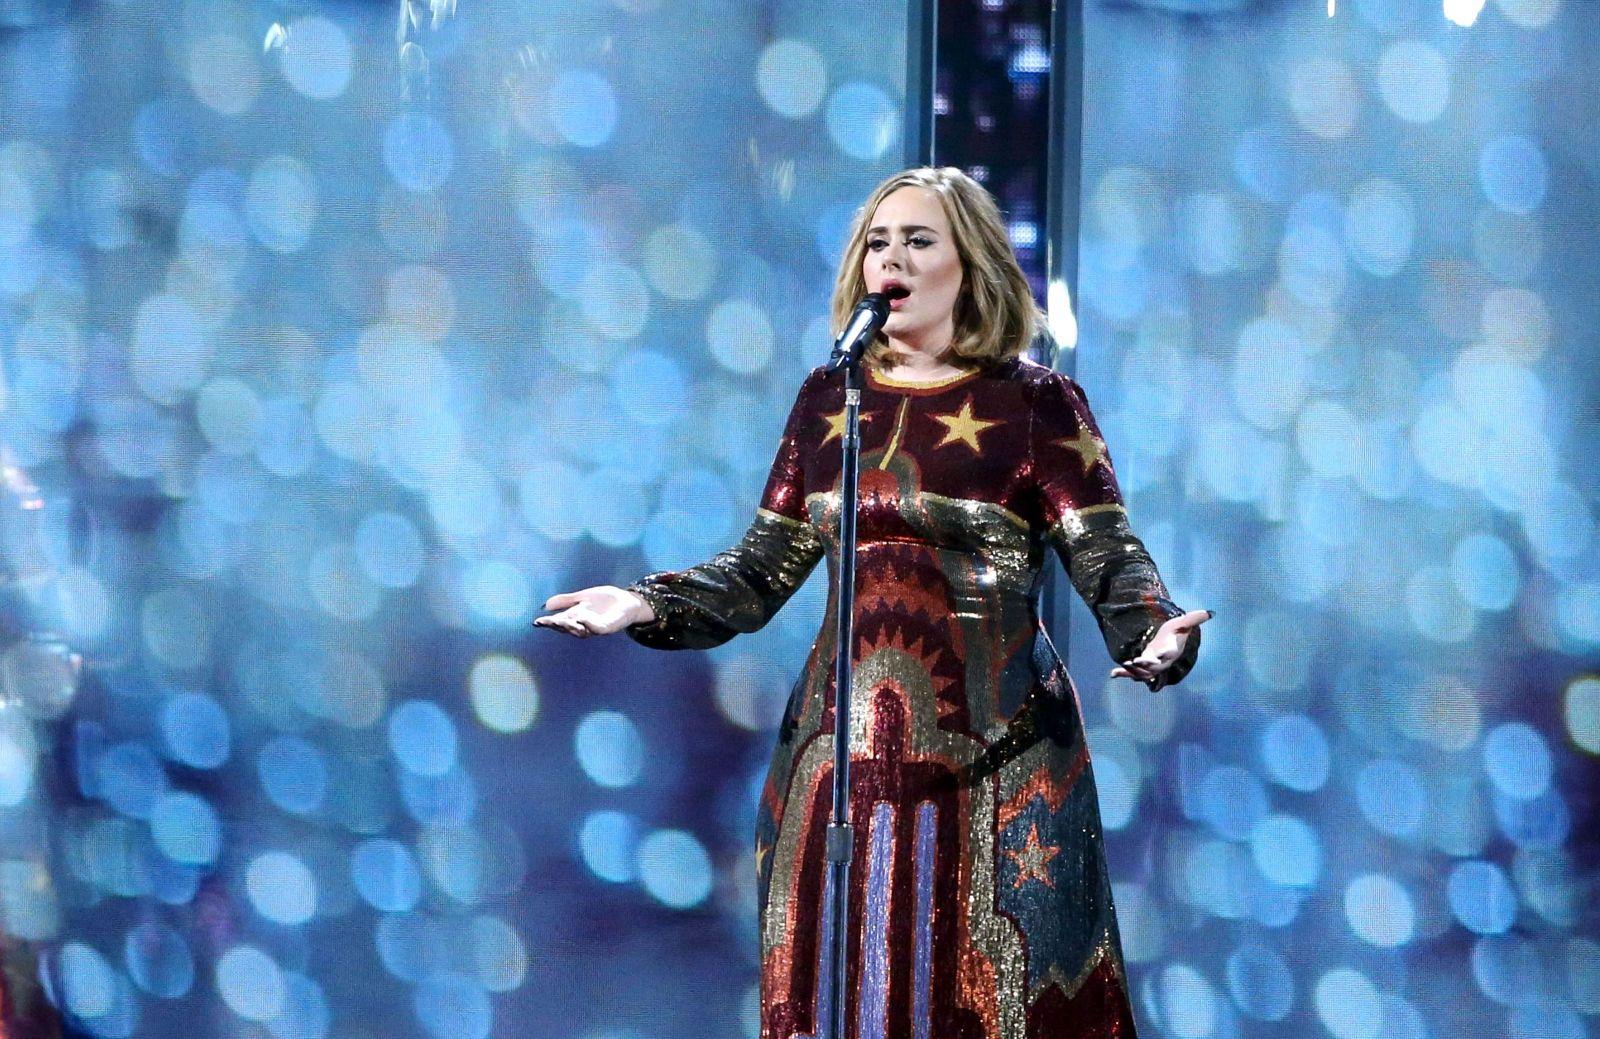 Британская эстрадная певица Адель прервет карьеру надва года ради пополнения семьи